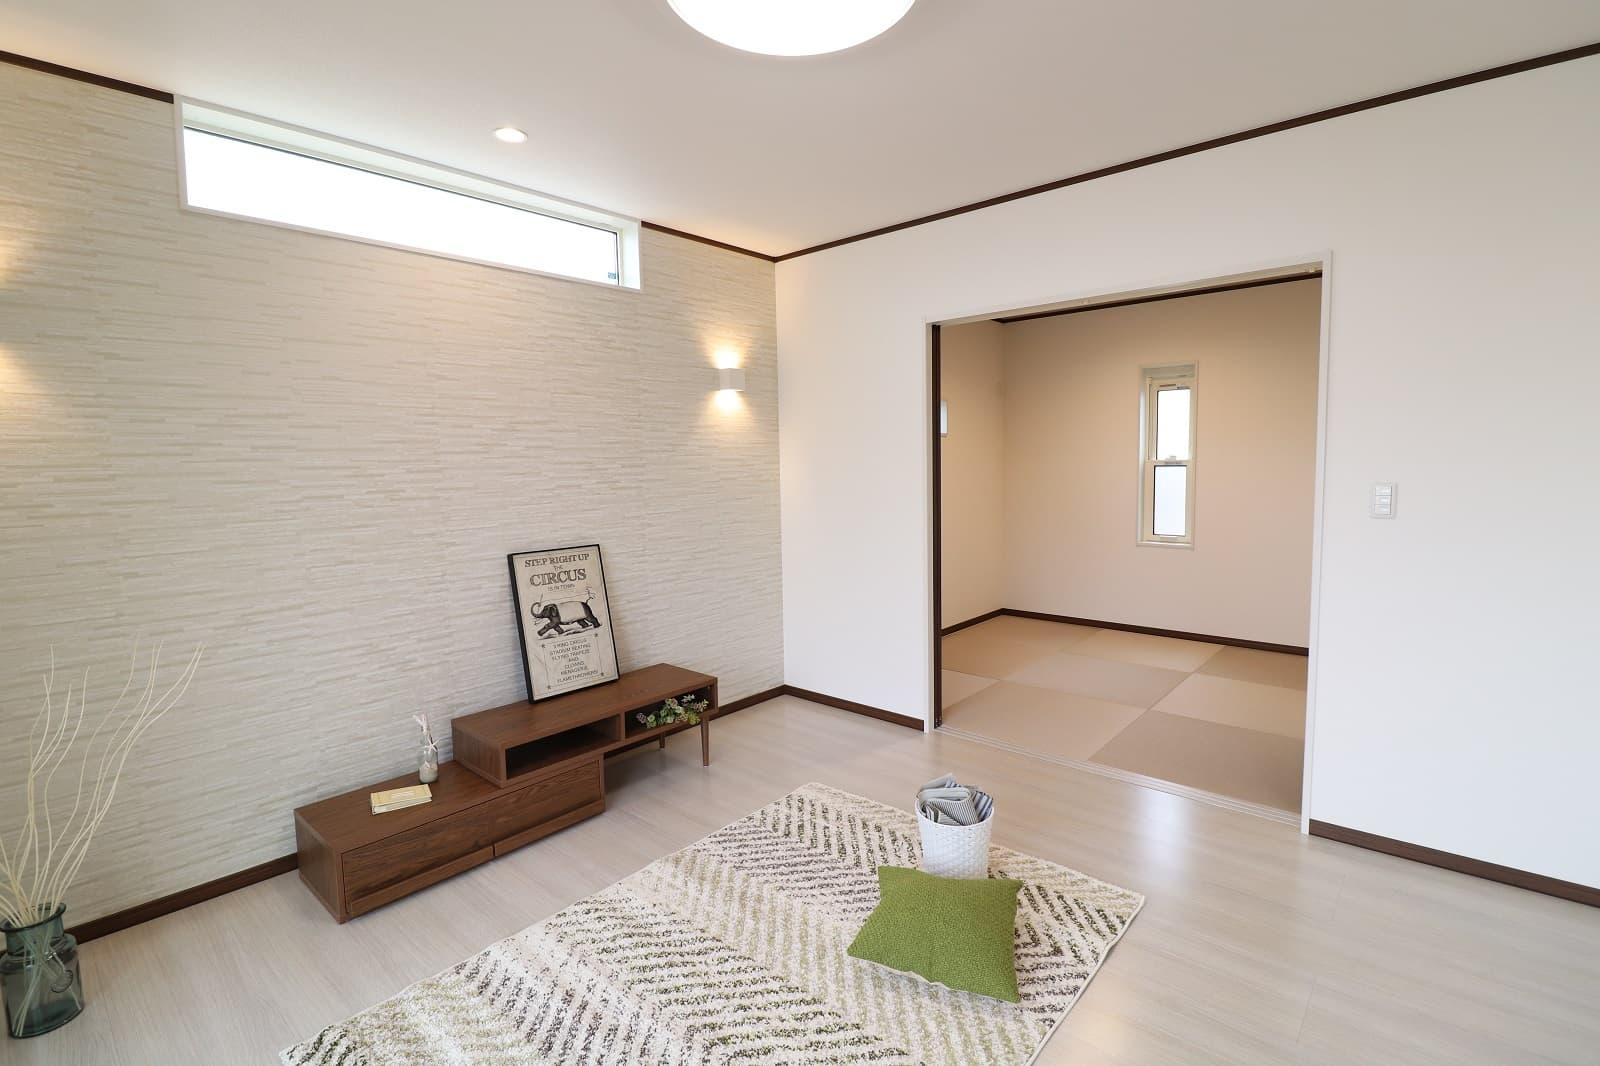 高松市六条の新築分譲住宅リビングから続く和室